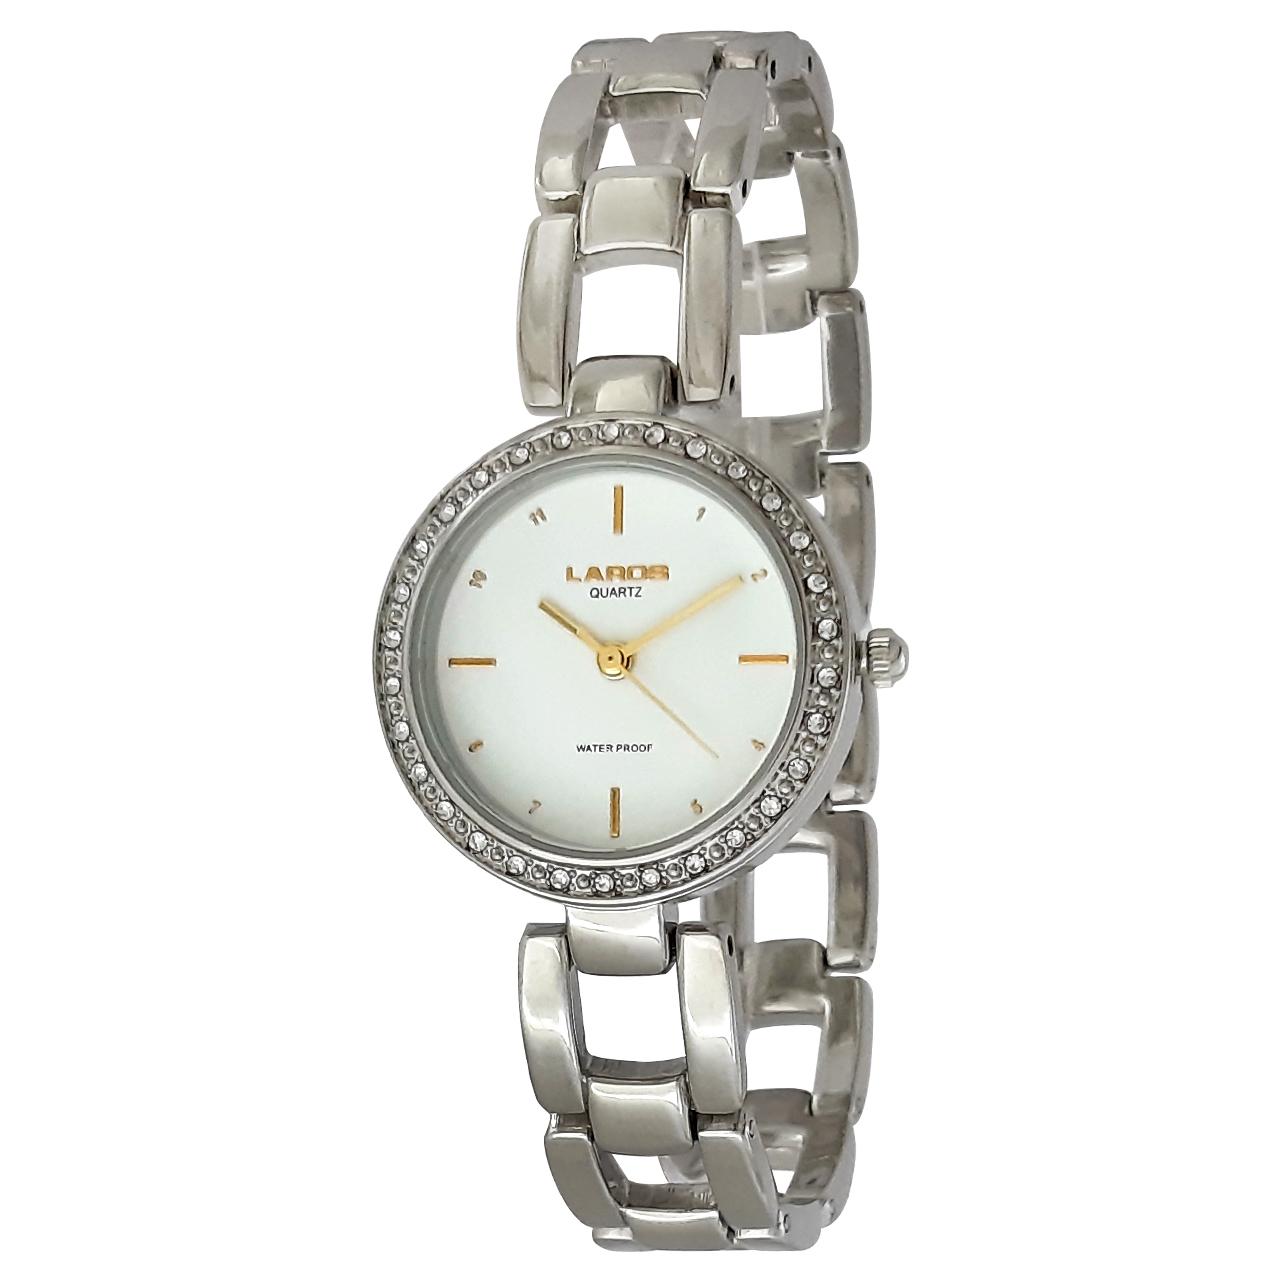 ساعت مچی عقربه ای زنانه لاروس مدل 1117-80138 به همراه دستمال مخصوص برند کلین واچ 22